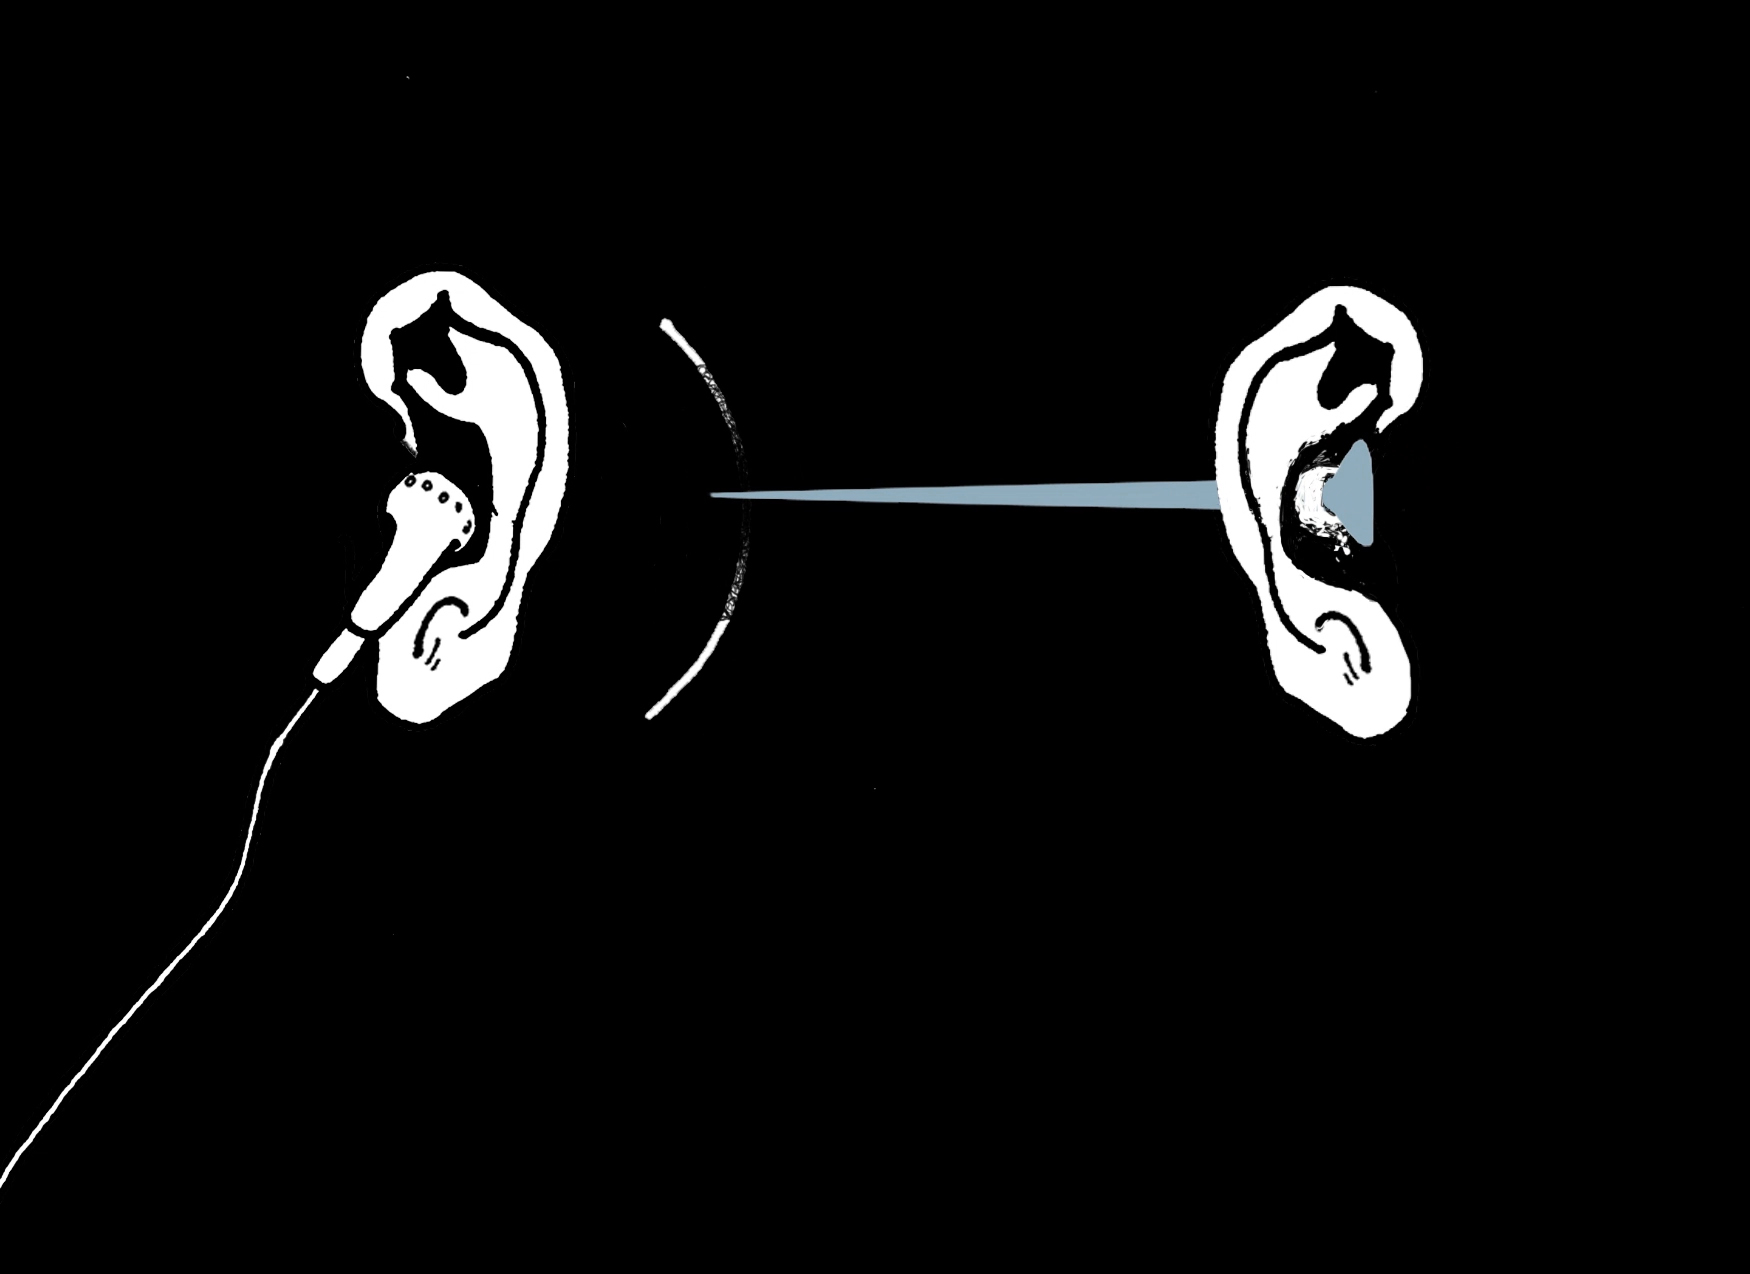 - 作品名称:《耳朵的悲剧》导演:赵坤国家/地区:中国创作时间:2014 片长:4分31秒Title: The Tragedy of the Ears Director: Zhao Kun Country/Area: ChinaYear of Production: 2014 Length: 4 mins 31 secs作品介绍源自于经历亲人的离世而获得的关于死亡的思考。动画以左右耳获得不同的声音为线索,将影片分为两个部分,分开叙述关于生存和死亡的宗教慰藉与现实苦难,并在影片的结尾展开两者的对抗。Synopsis The story is inspired by the thought coming from the experience of losing family members. The animation takes the different sounds accepted by the two ears as the thread of the story, dividing the film into two parts. The animation separately narrates the religious consolation and real suffering of life and death, but at the end of the film it begins the confrontation of the two ears.